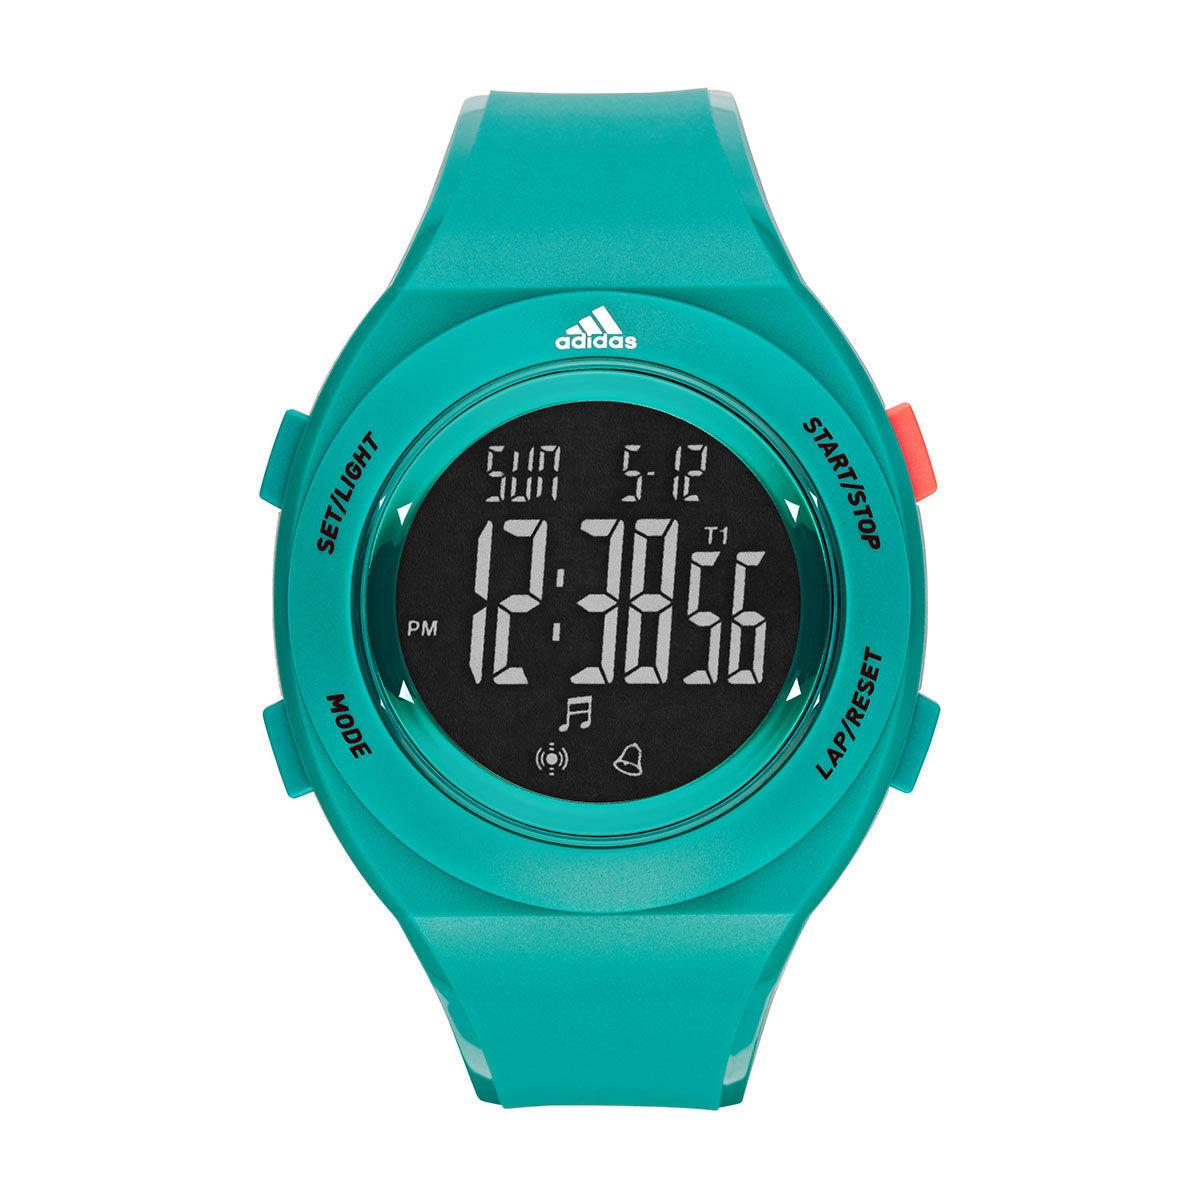 นาฬิกาผู้ชาย Adidas รุ่น ADP3228